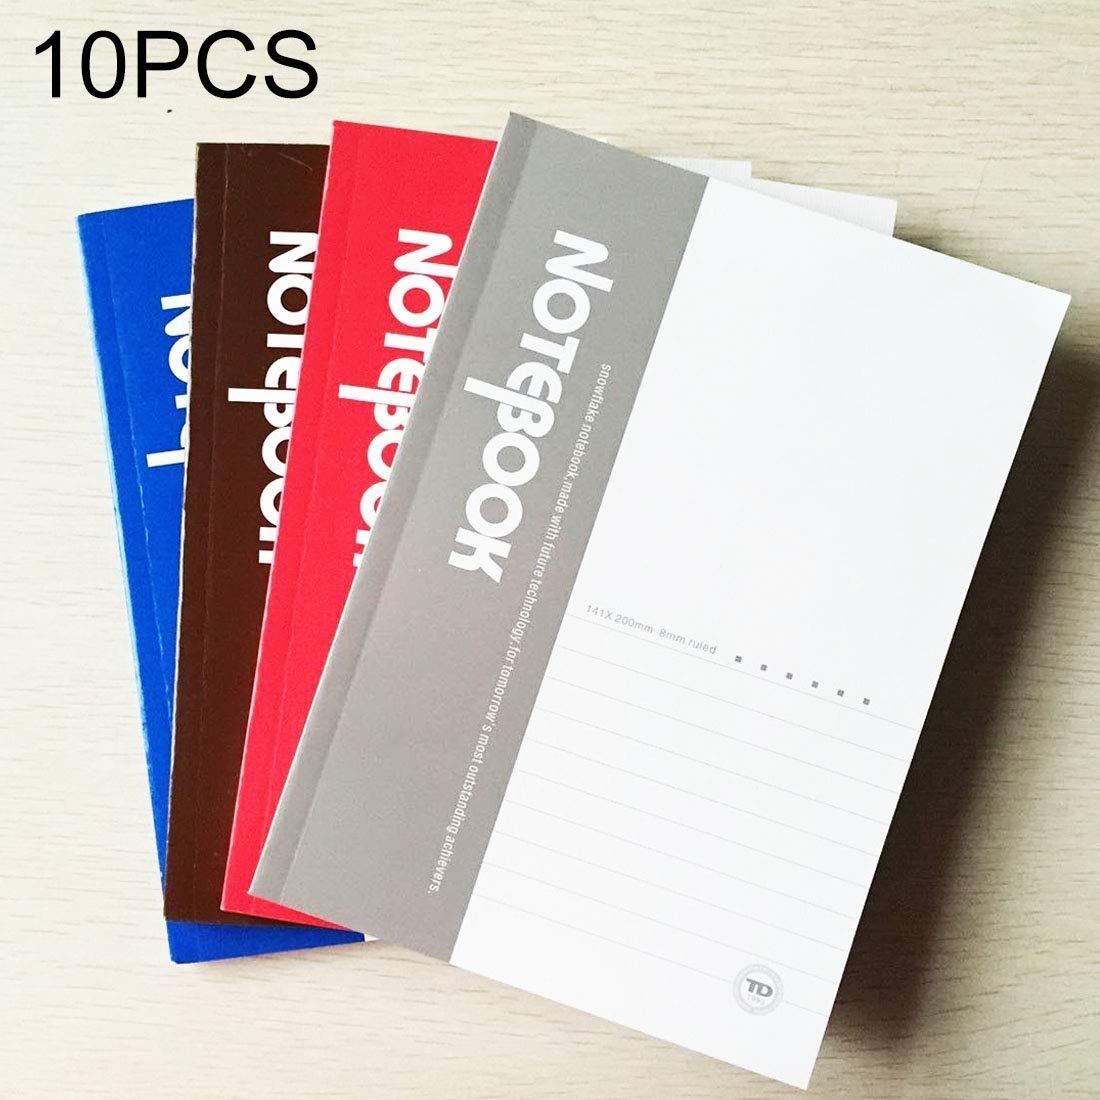 Bella Quaderno diario A5 con copertina morbida di 50 pagine, diario per ufficio, materiale cartaceo, dimensioni  14  20 cm.